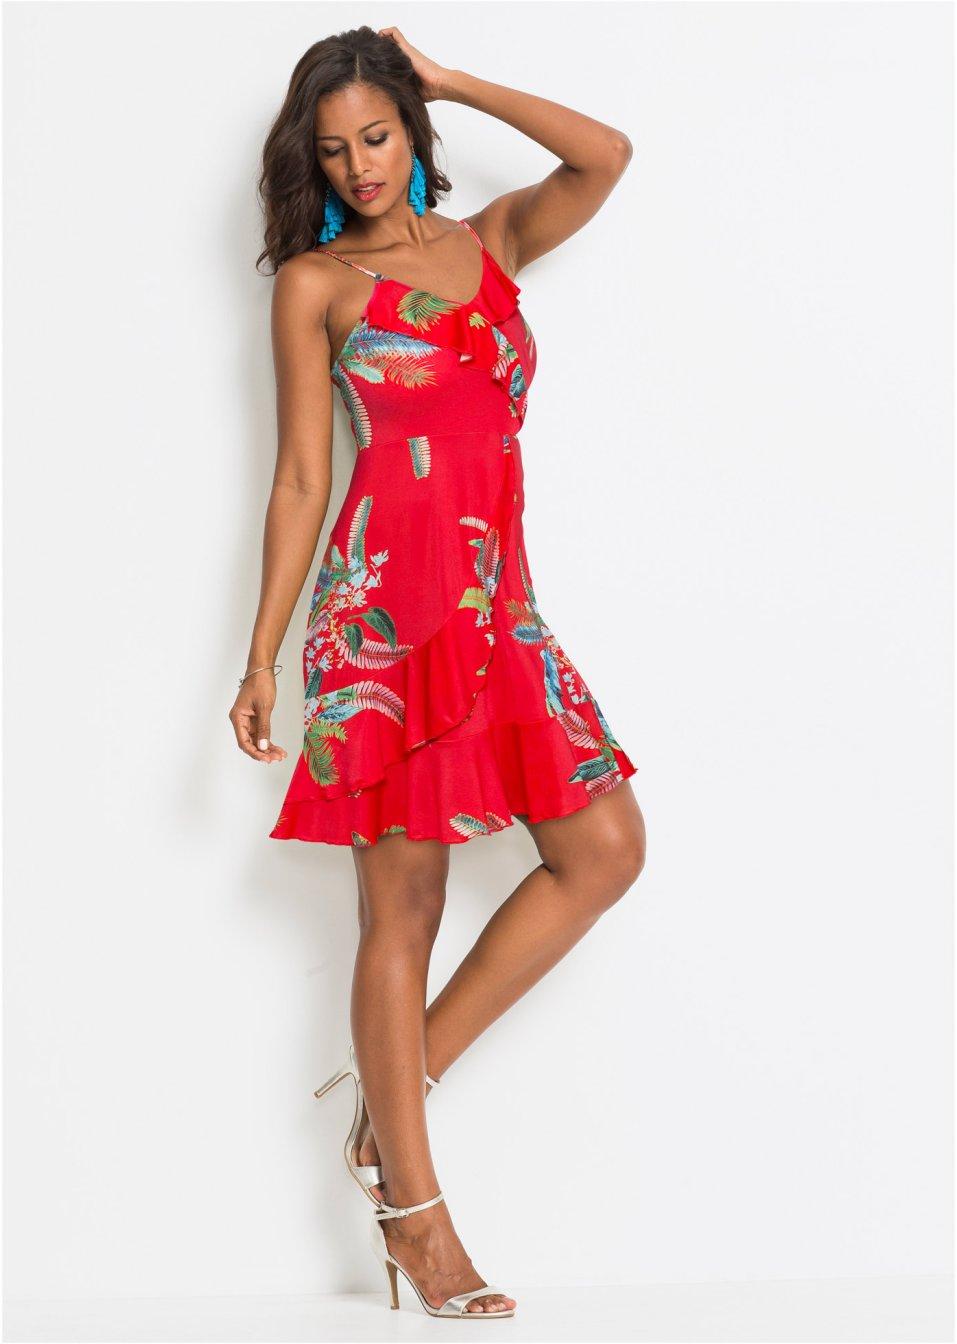 Mode Femme Vêtements DJLfdOFlkj Robe à volants et imprimé floral rouge à fleurs Femme BODYFLIRT boutique .fr